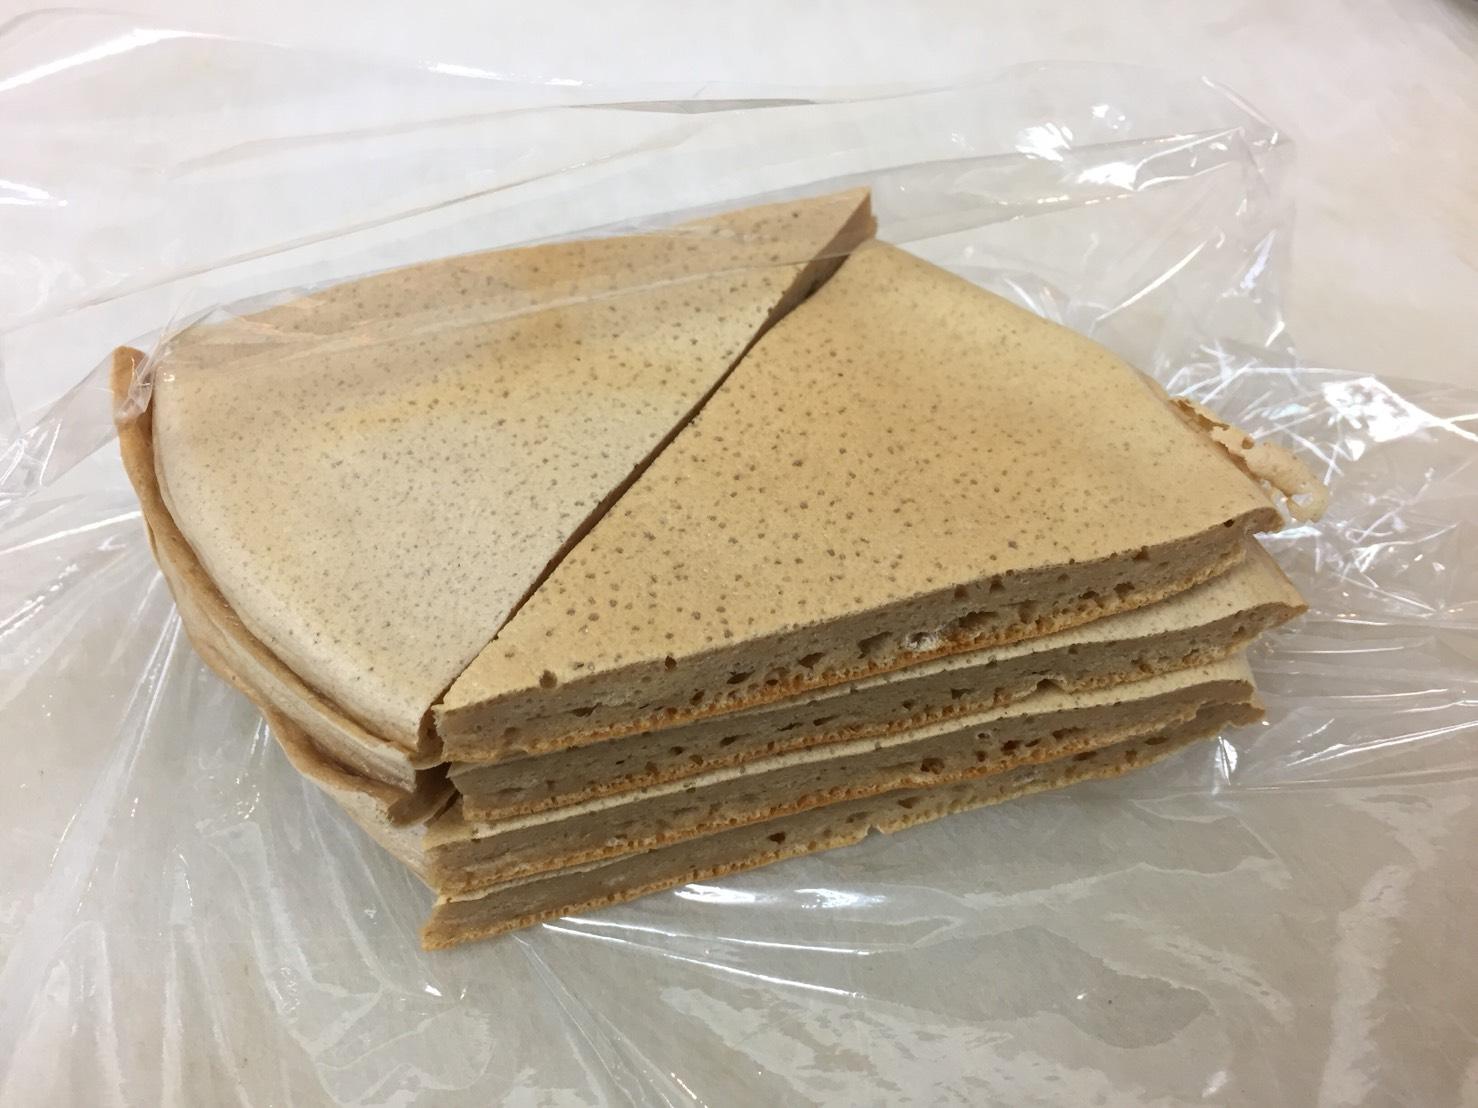 マイプロテインのプロテインパンケーキミックス「GOLDEN SYRUP FLAVOUR(ゴールデンシロップ味)」を持ちやすくなります